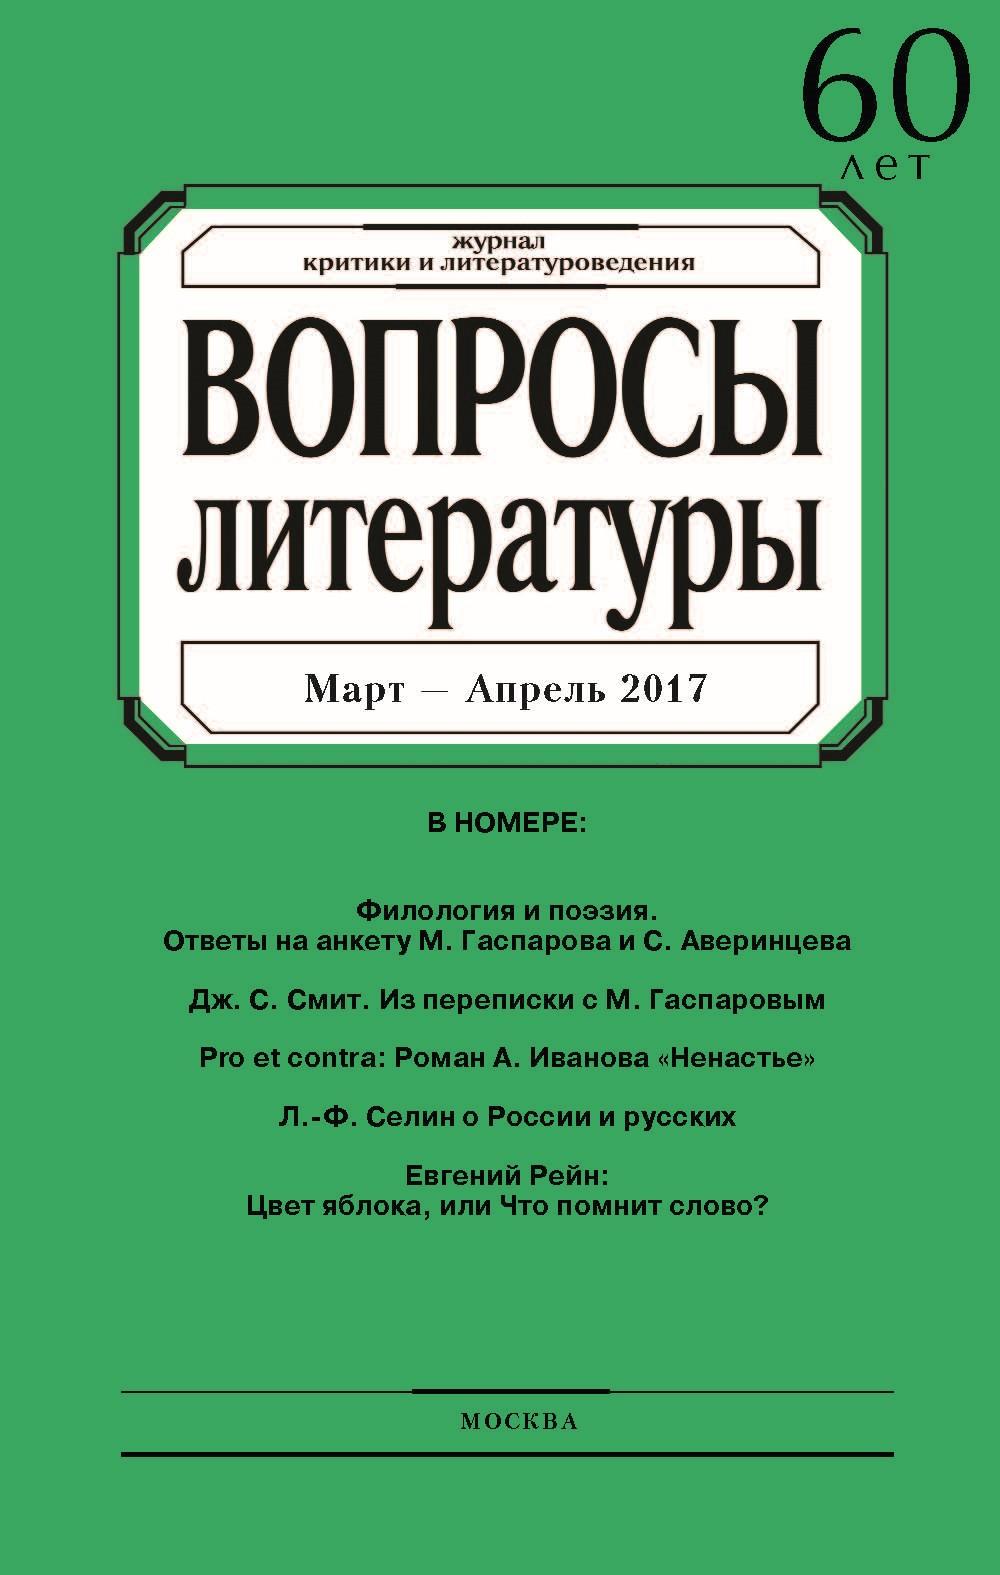 Отсутствует Вопросы литературы № 2 Март – Апрель 2017 а в сухово кобылин pro et contra